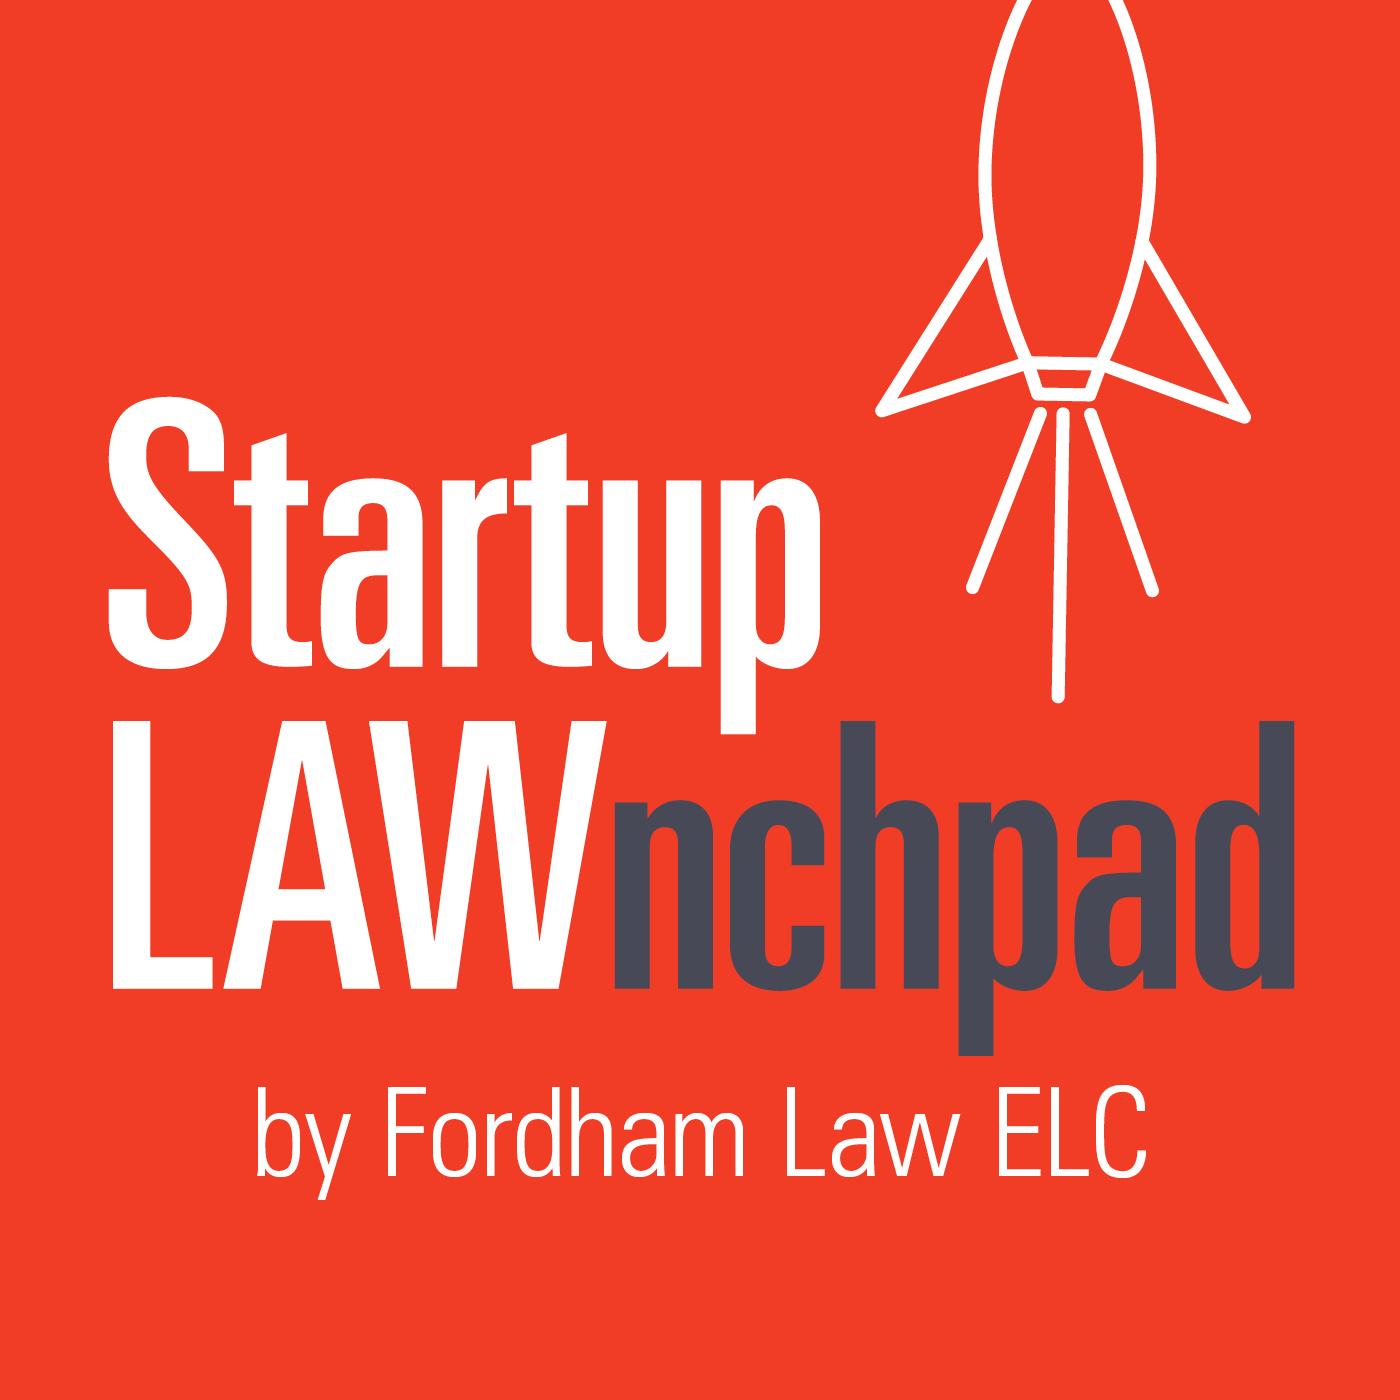 Startup LAWnchpad